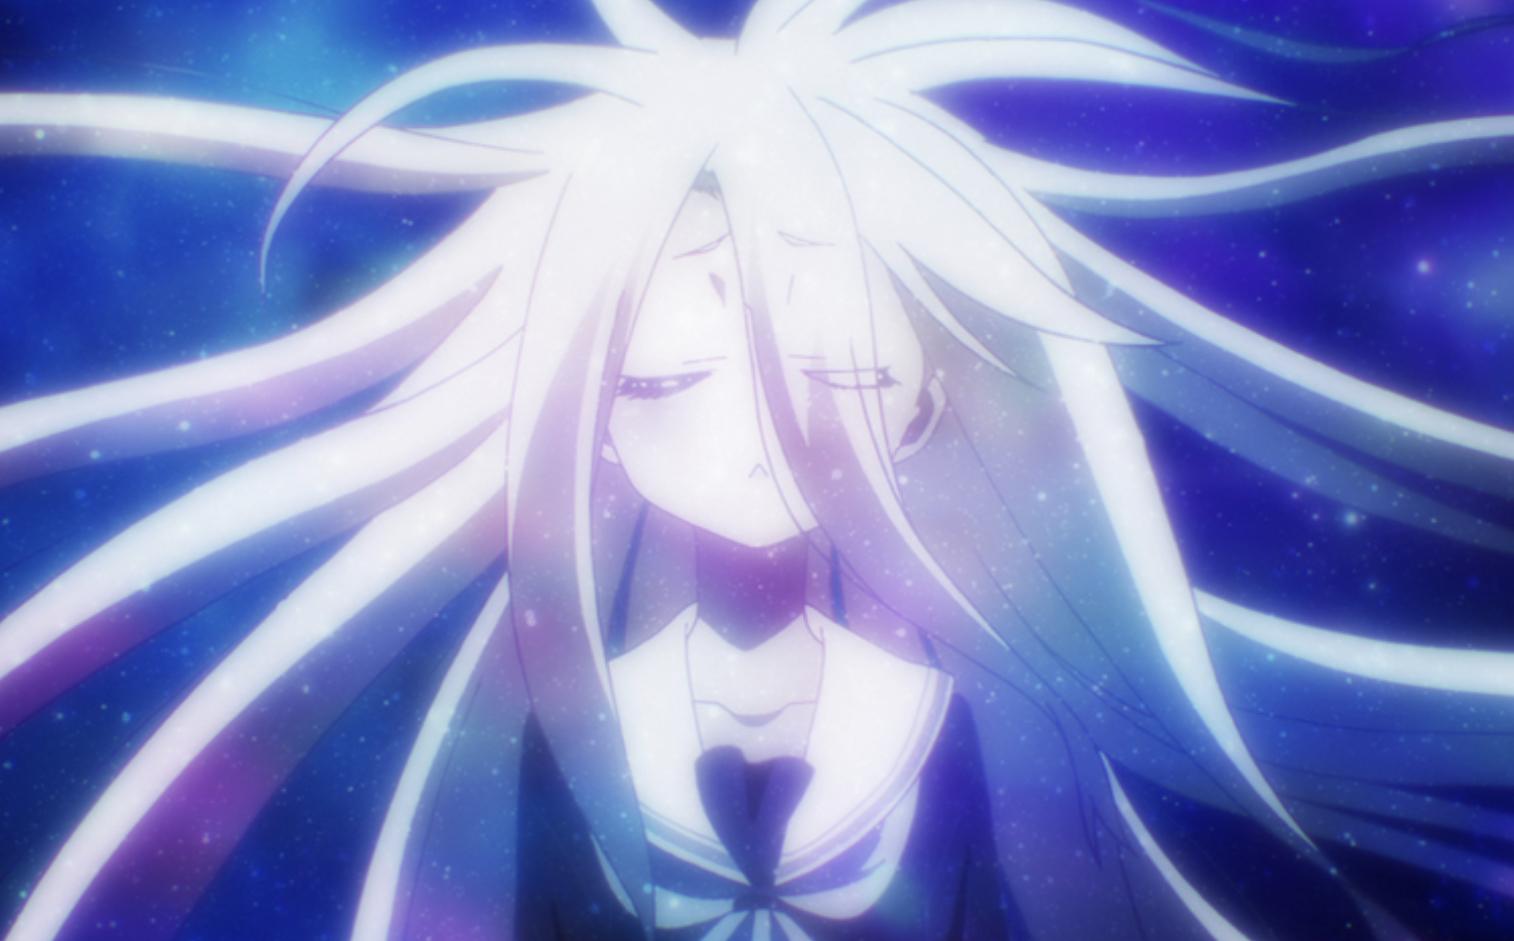 【ノゲノラ】天才少女「白」の能力や過去 本名やシュヴィとの関係性を解説